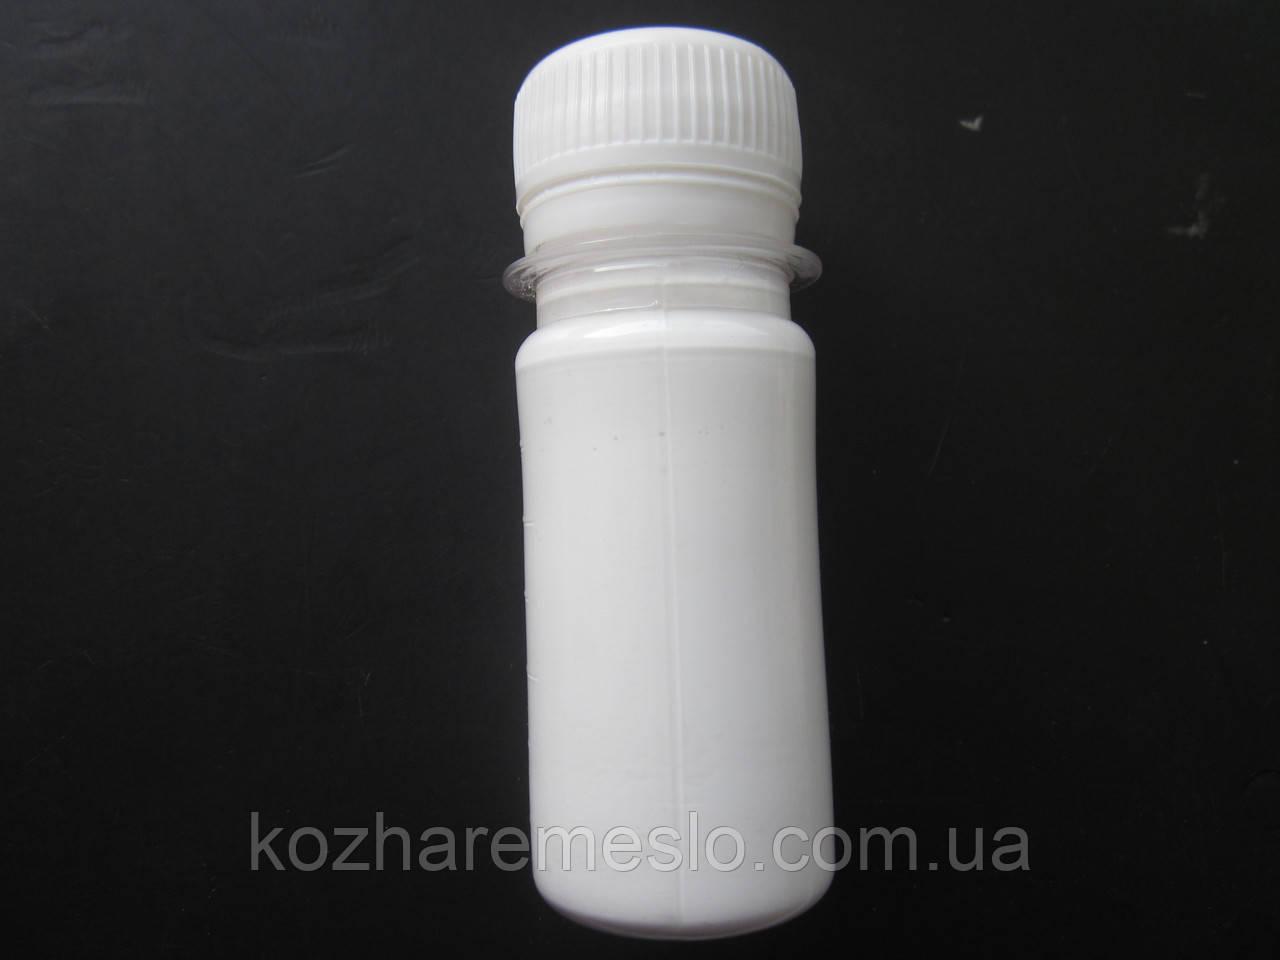 Краска для уреза (торца) кожи FENICE на силиконовой основе 50 грам белый